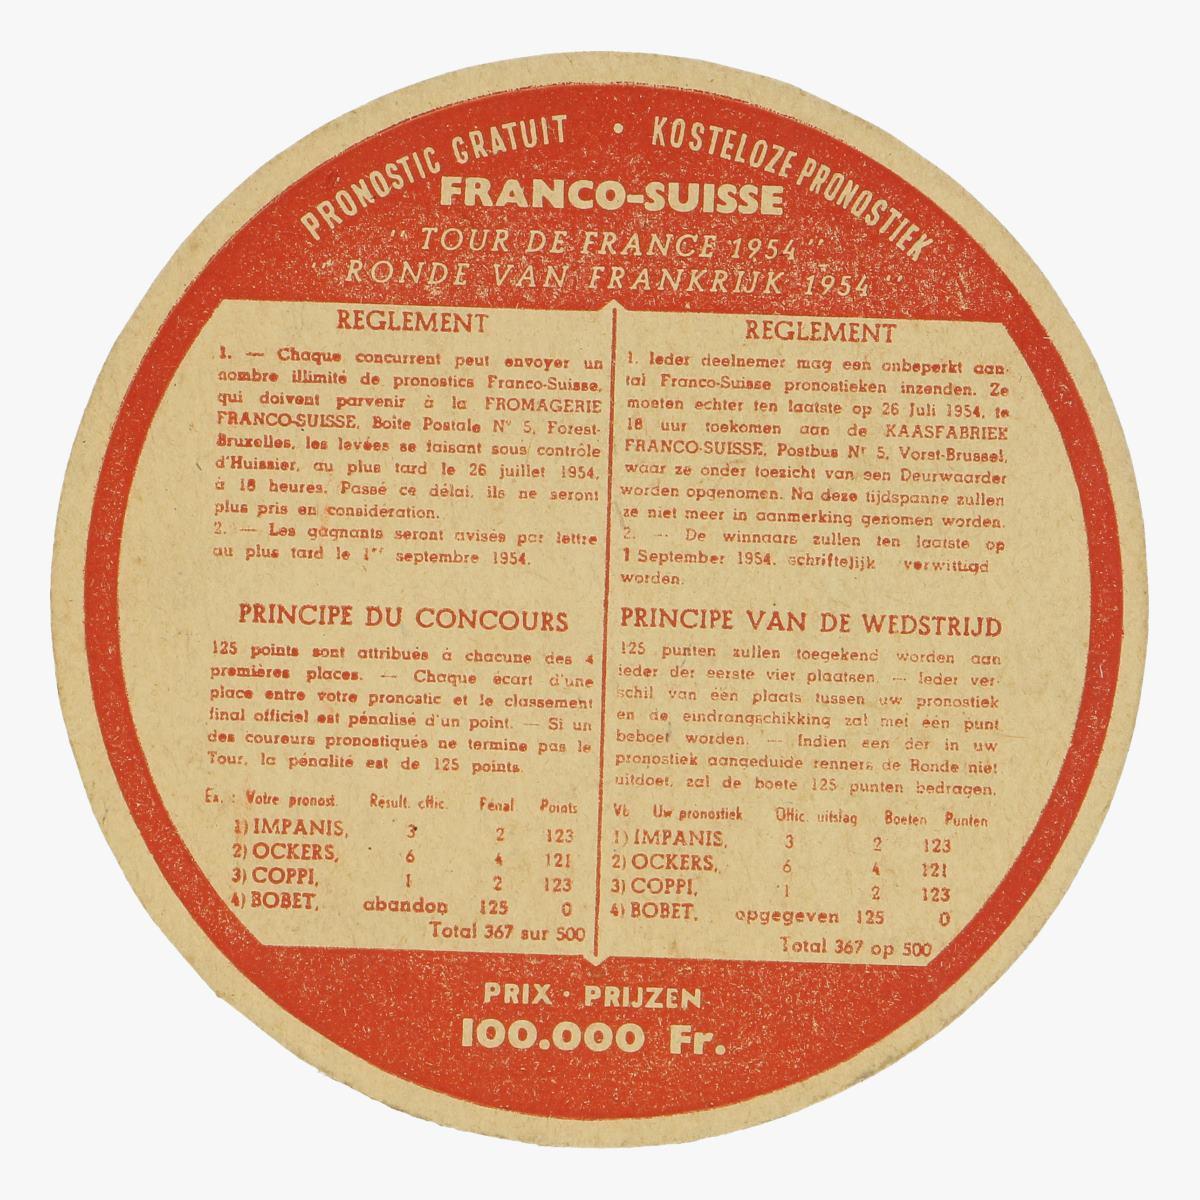 Afbeeldingen van deelnemingsbon promostiek tour de France 1954 bierkaartje